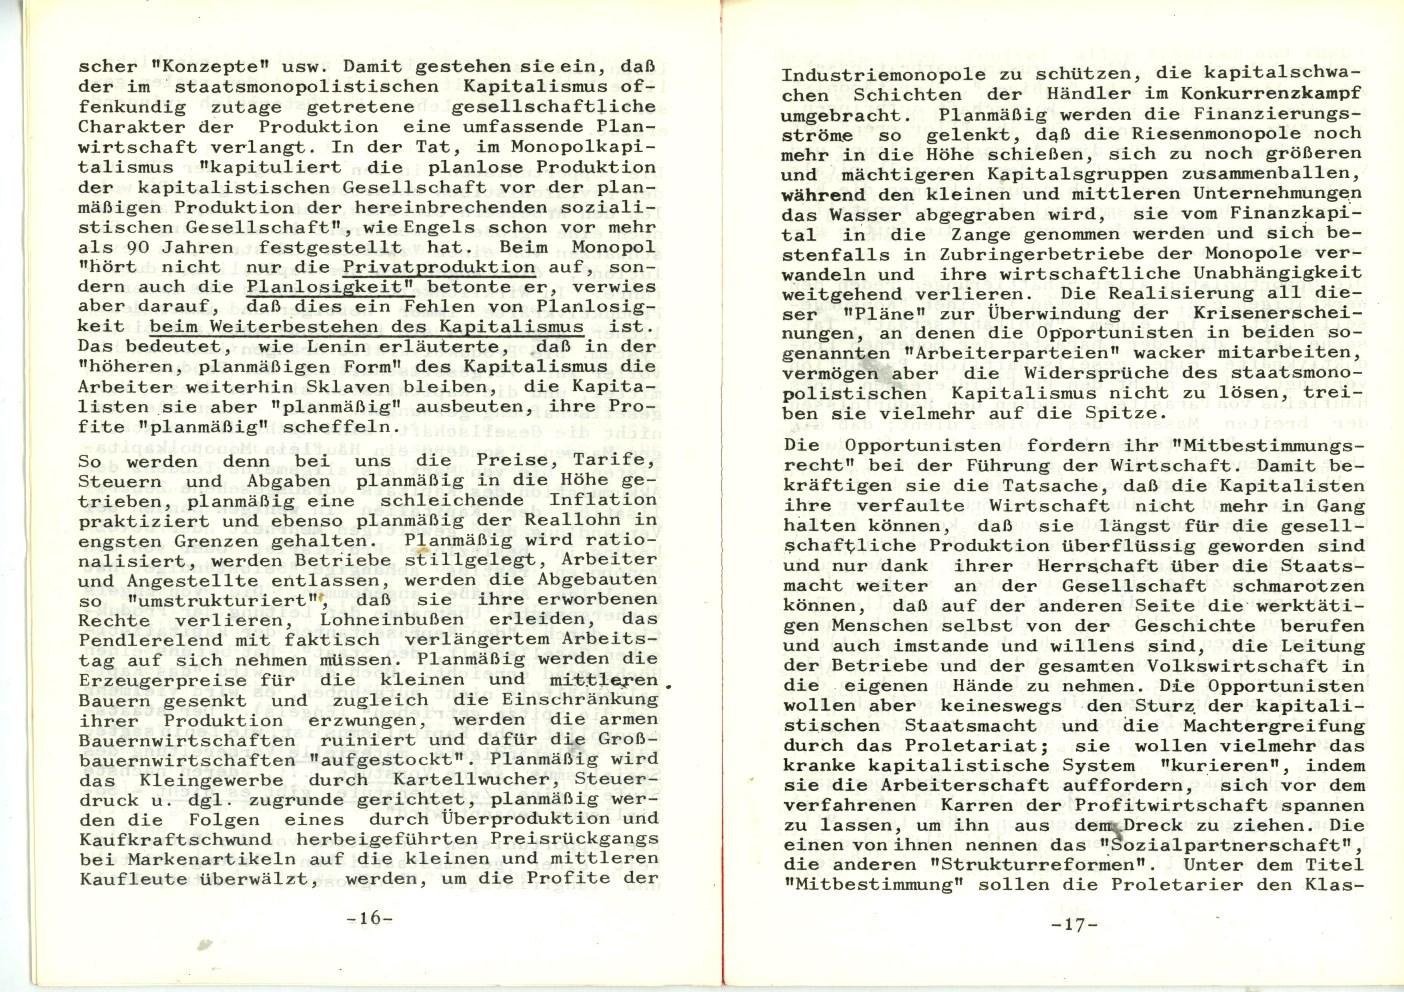 VRA_Grundsatzerklaerung_1971_10